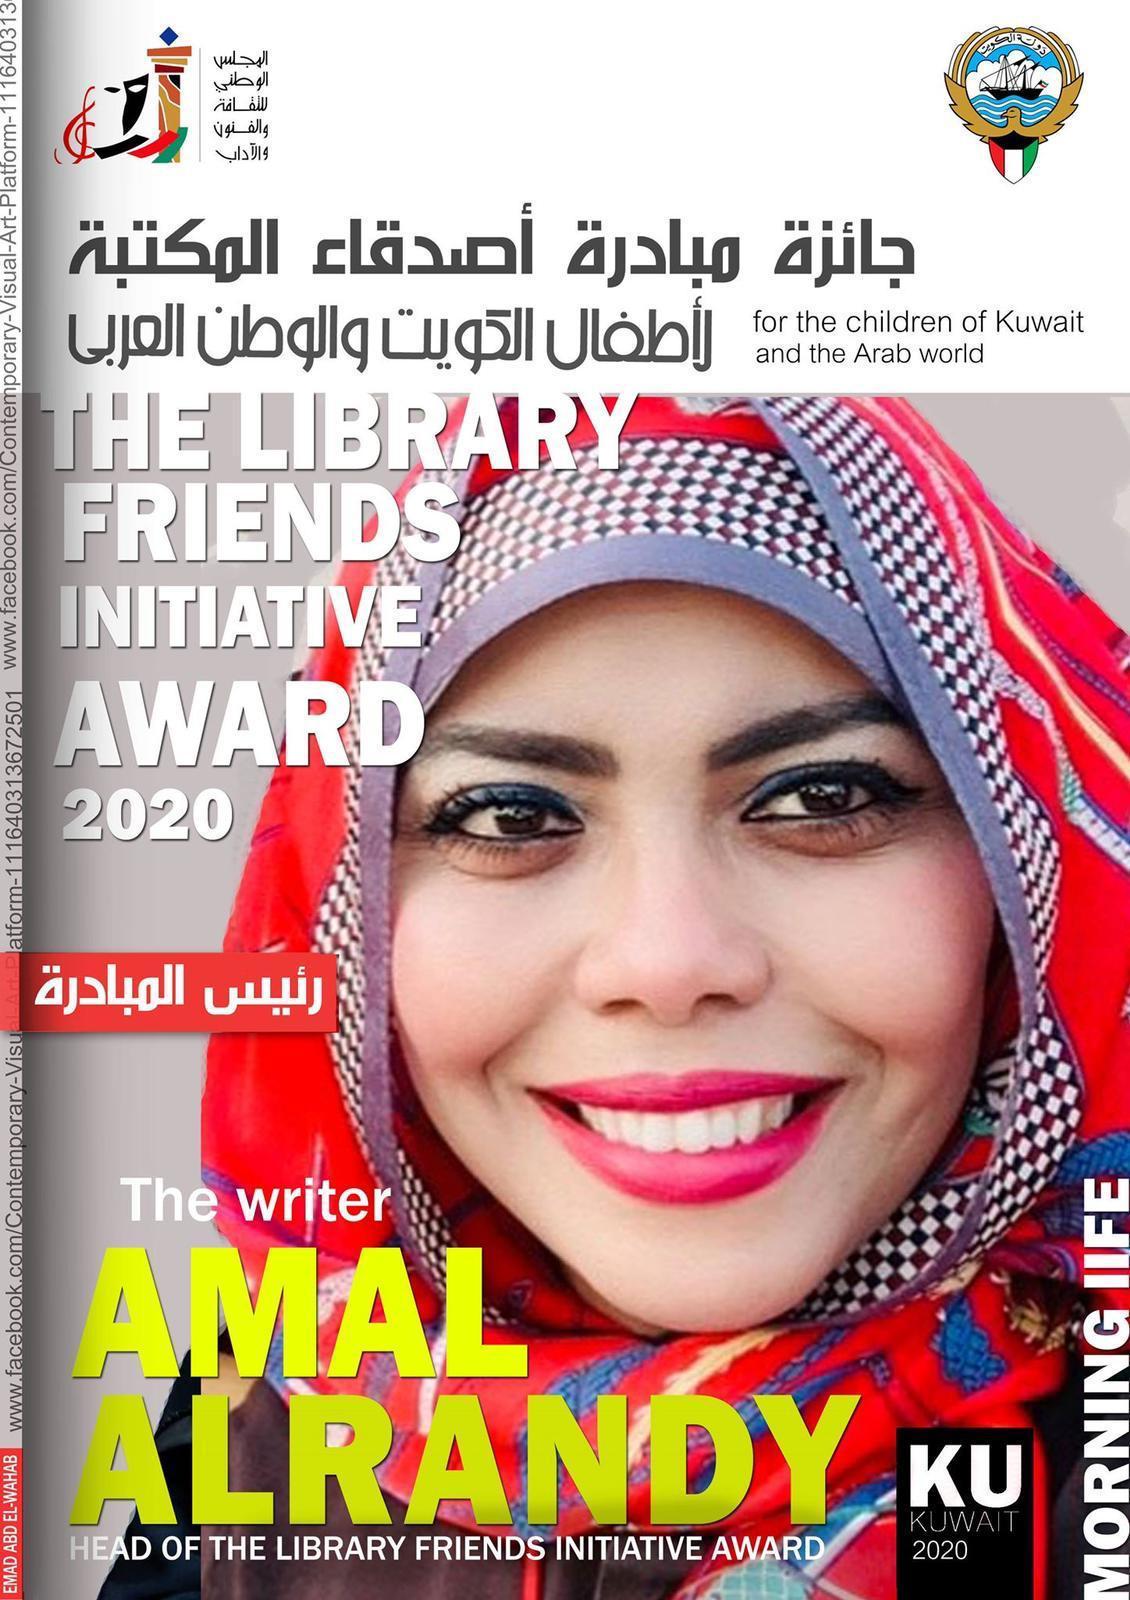 الكاتبة الكويتية امل الرندي